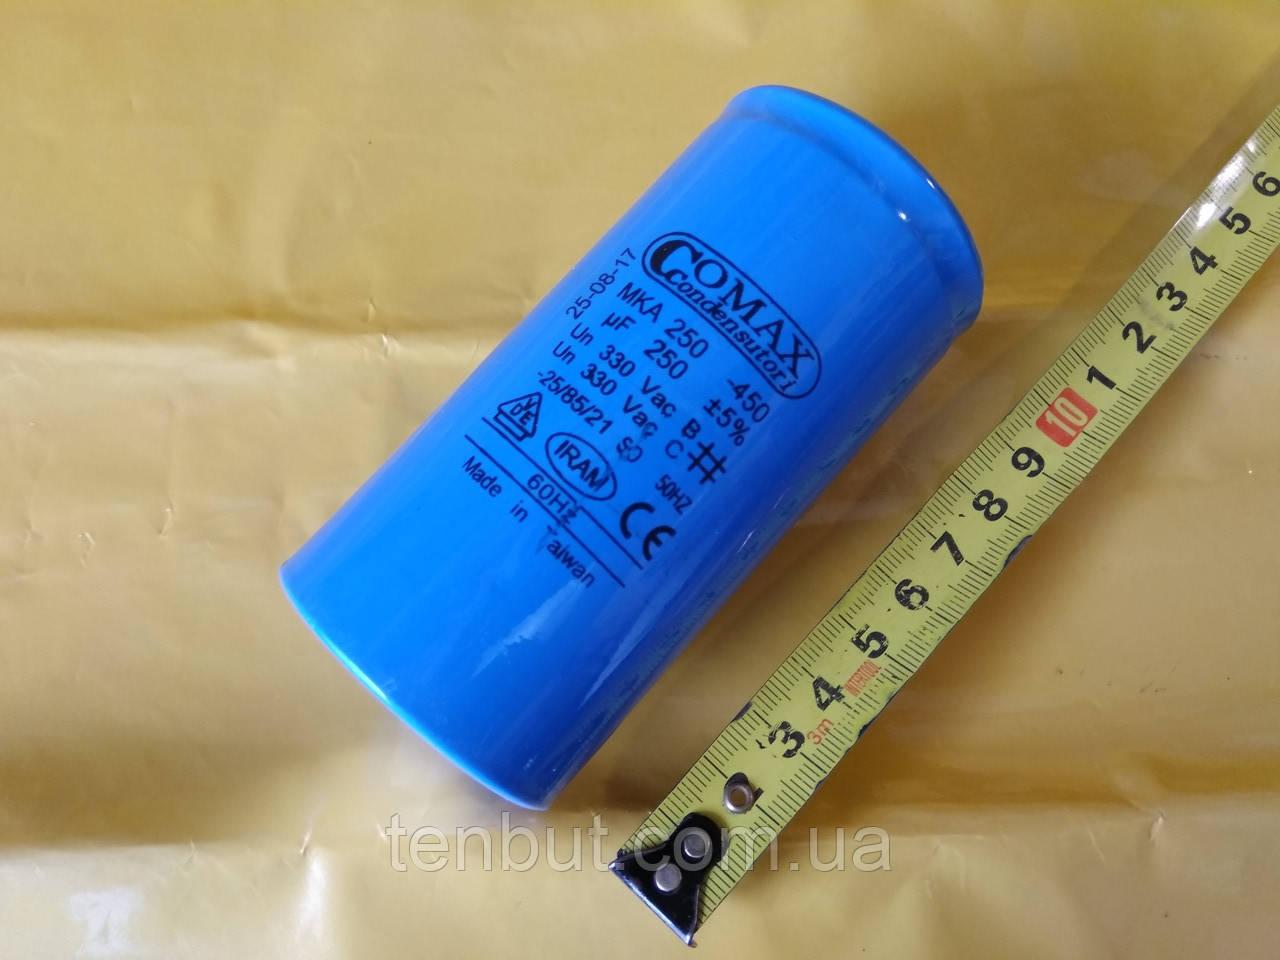 Конденсатор пусковой CD60 / 250 мкФ ± 5 % / 330 В. / 50/60 Hz .